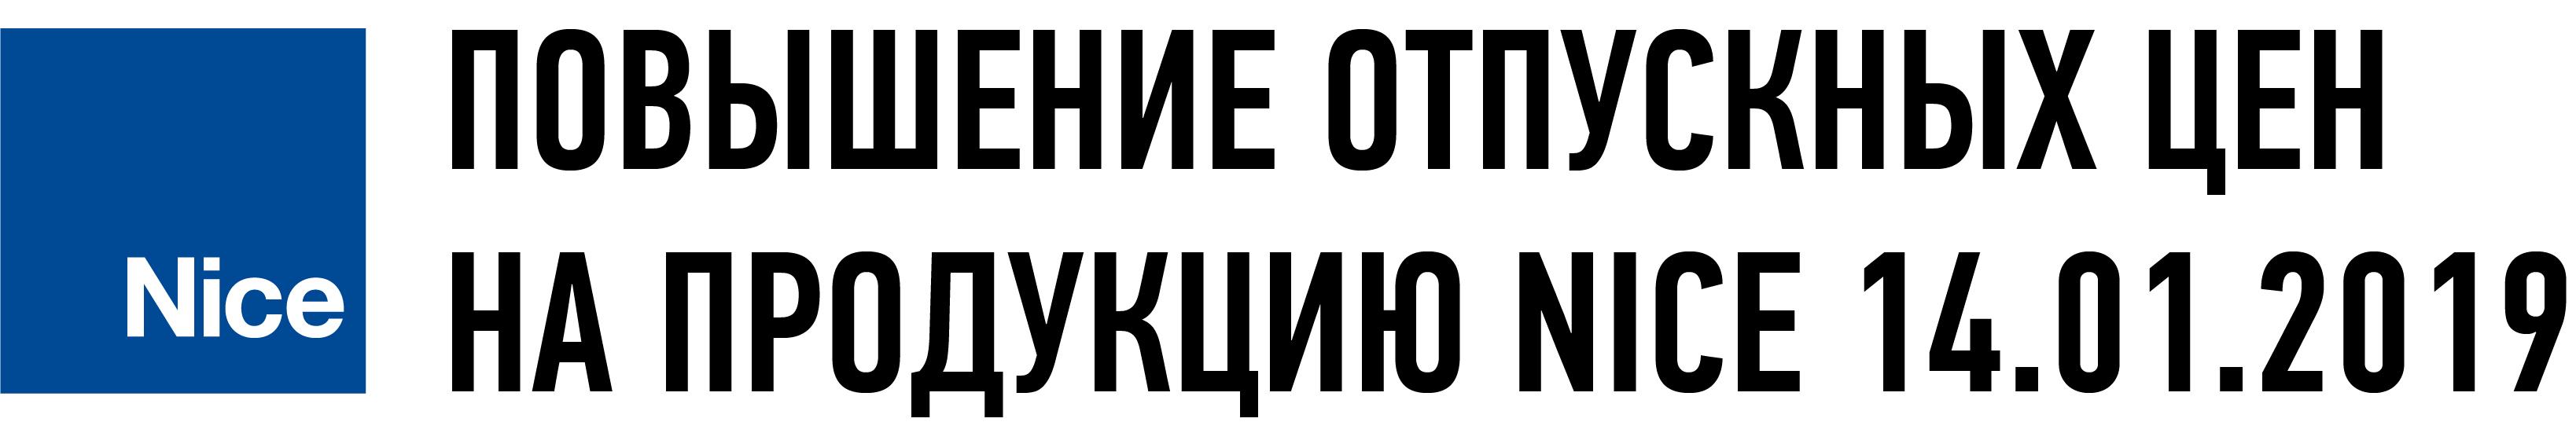 Повышение отпускных цен на продукцию Nice 14.01.2019!